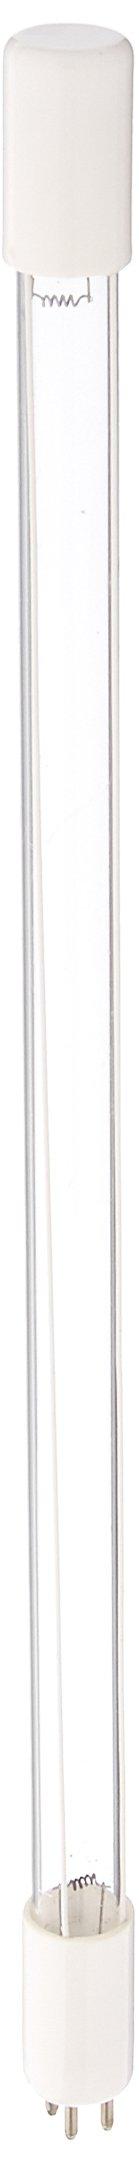 Danner PondMaster 20W UV Clarifier Supreme # 12972, 02920 20 Watt UV Bulb, Model: 12972-1, Home & Garden Store